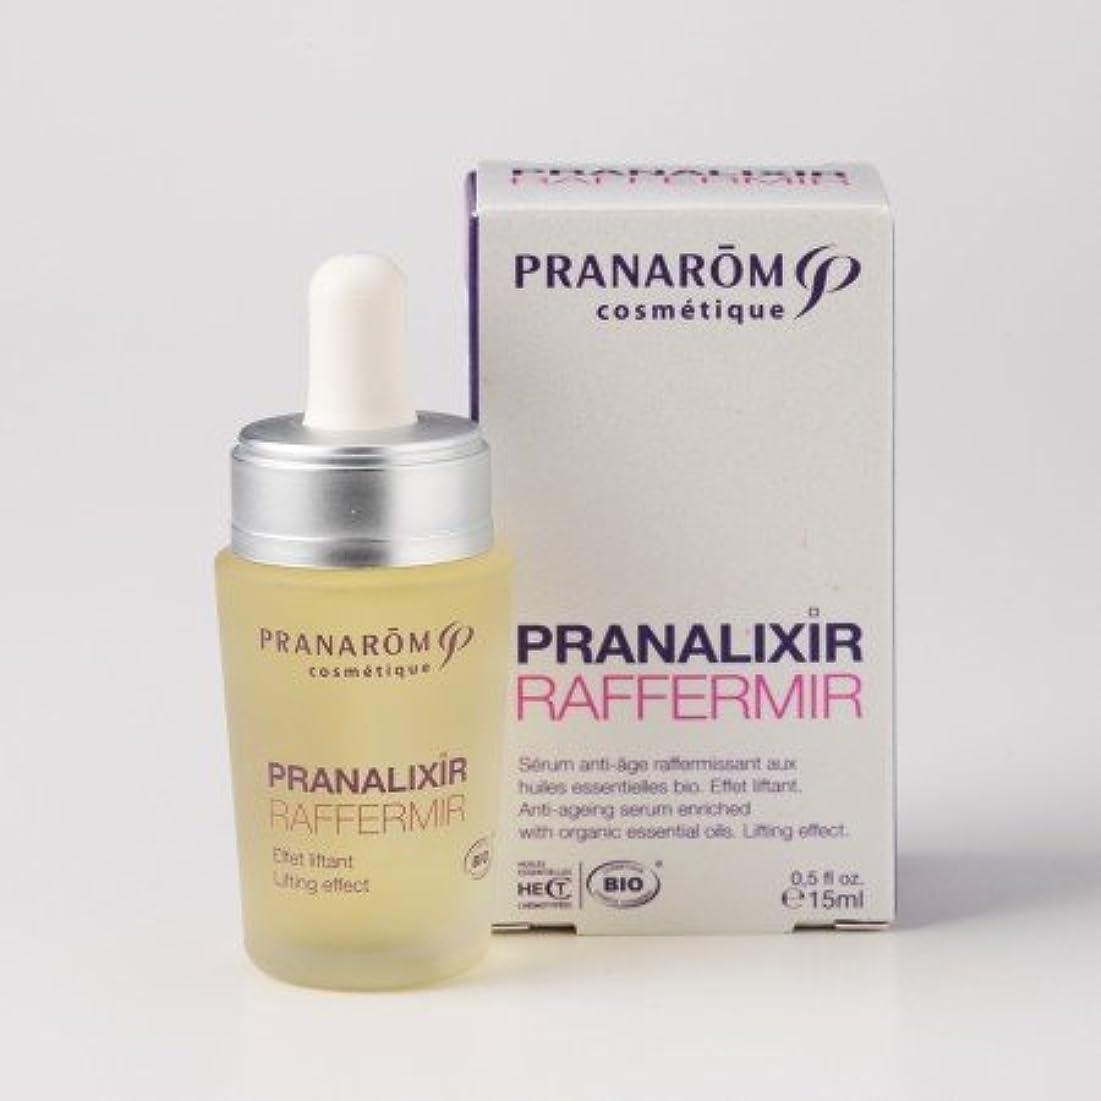 収容する簡潔な包括的プラナロム ( PRANAROM ) 基礎化粧品 プラナリキシア?ラフェルミア 15ml 12682